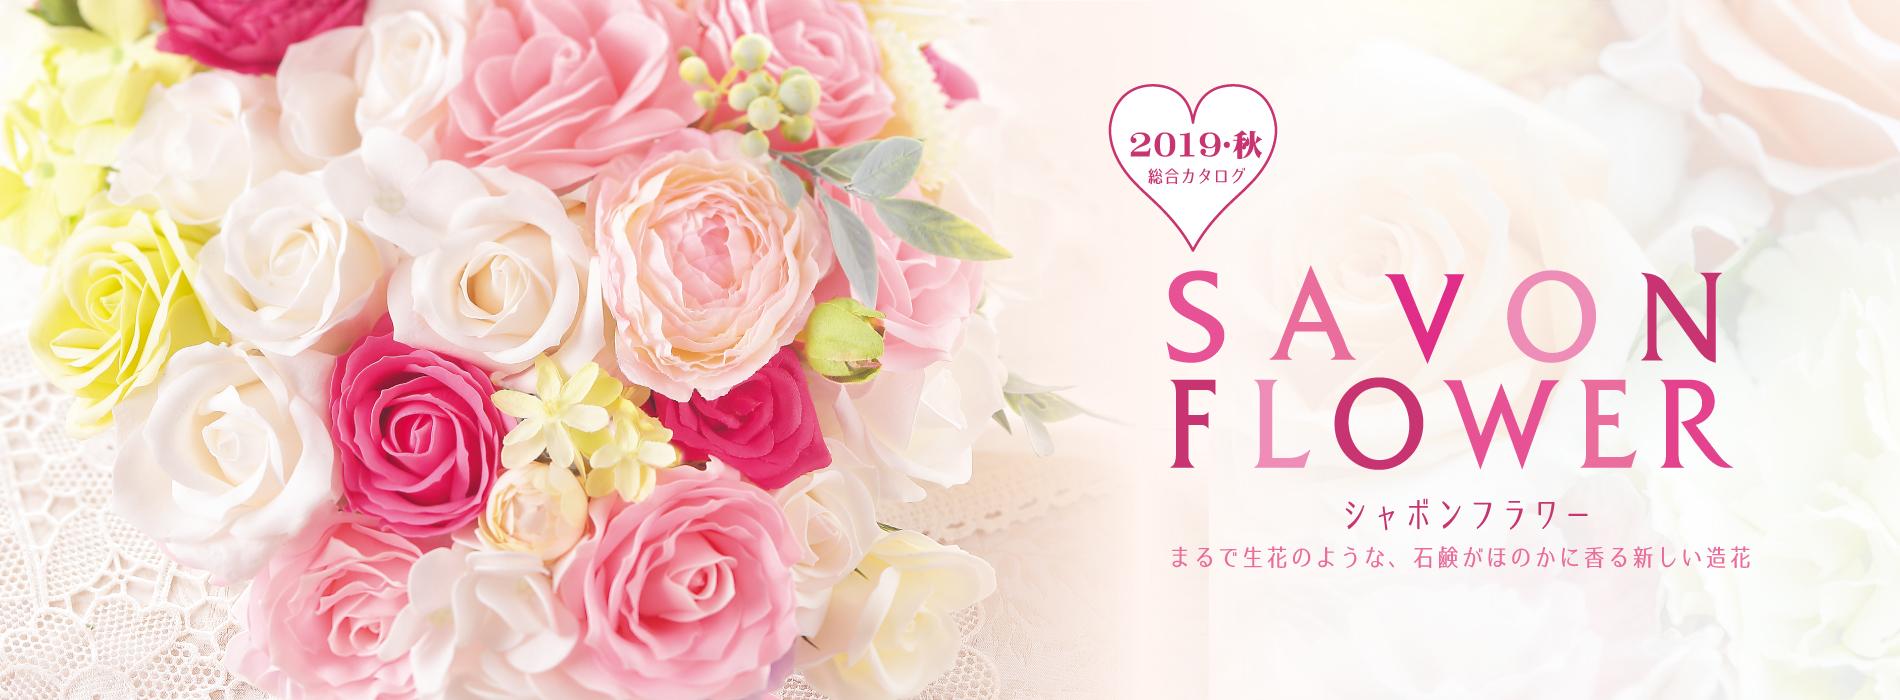 SAVON FLOWER PRESS